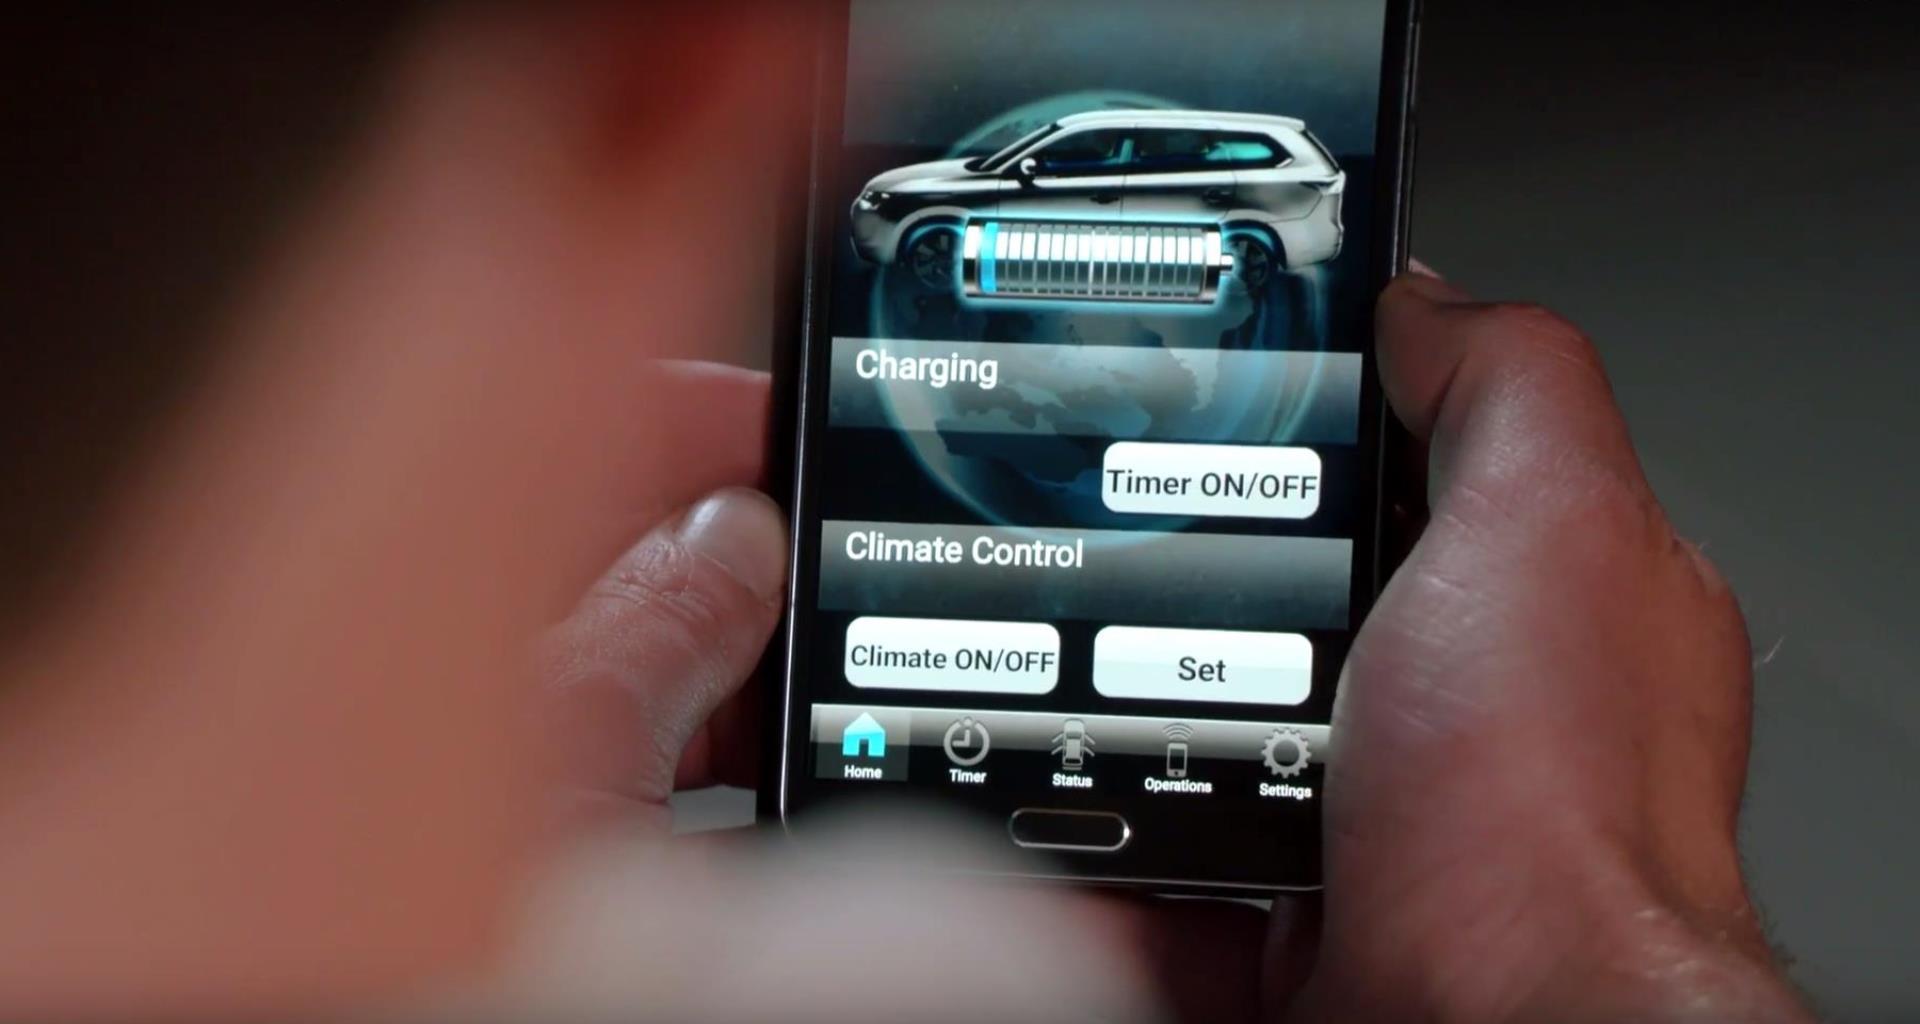 Mitsubishi Remote app